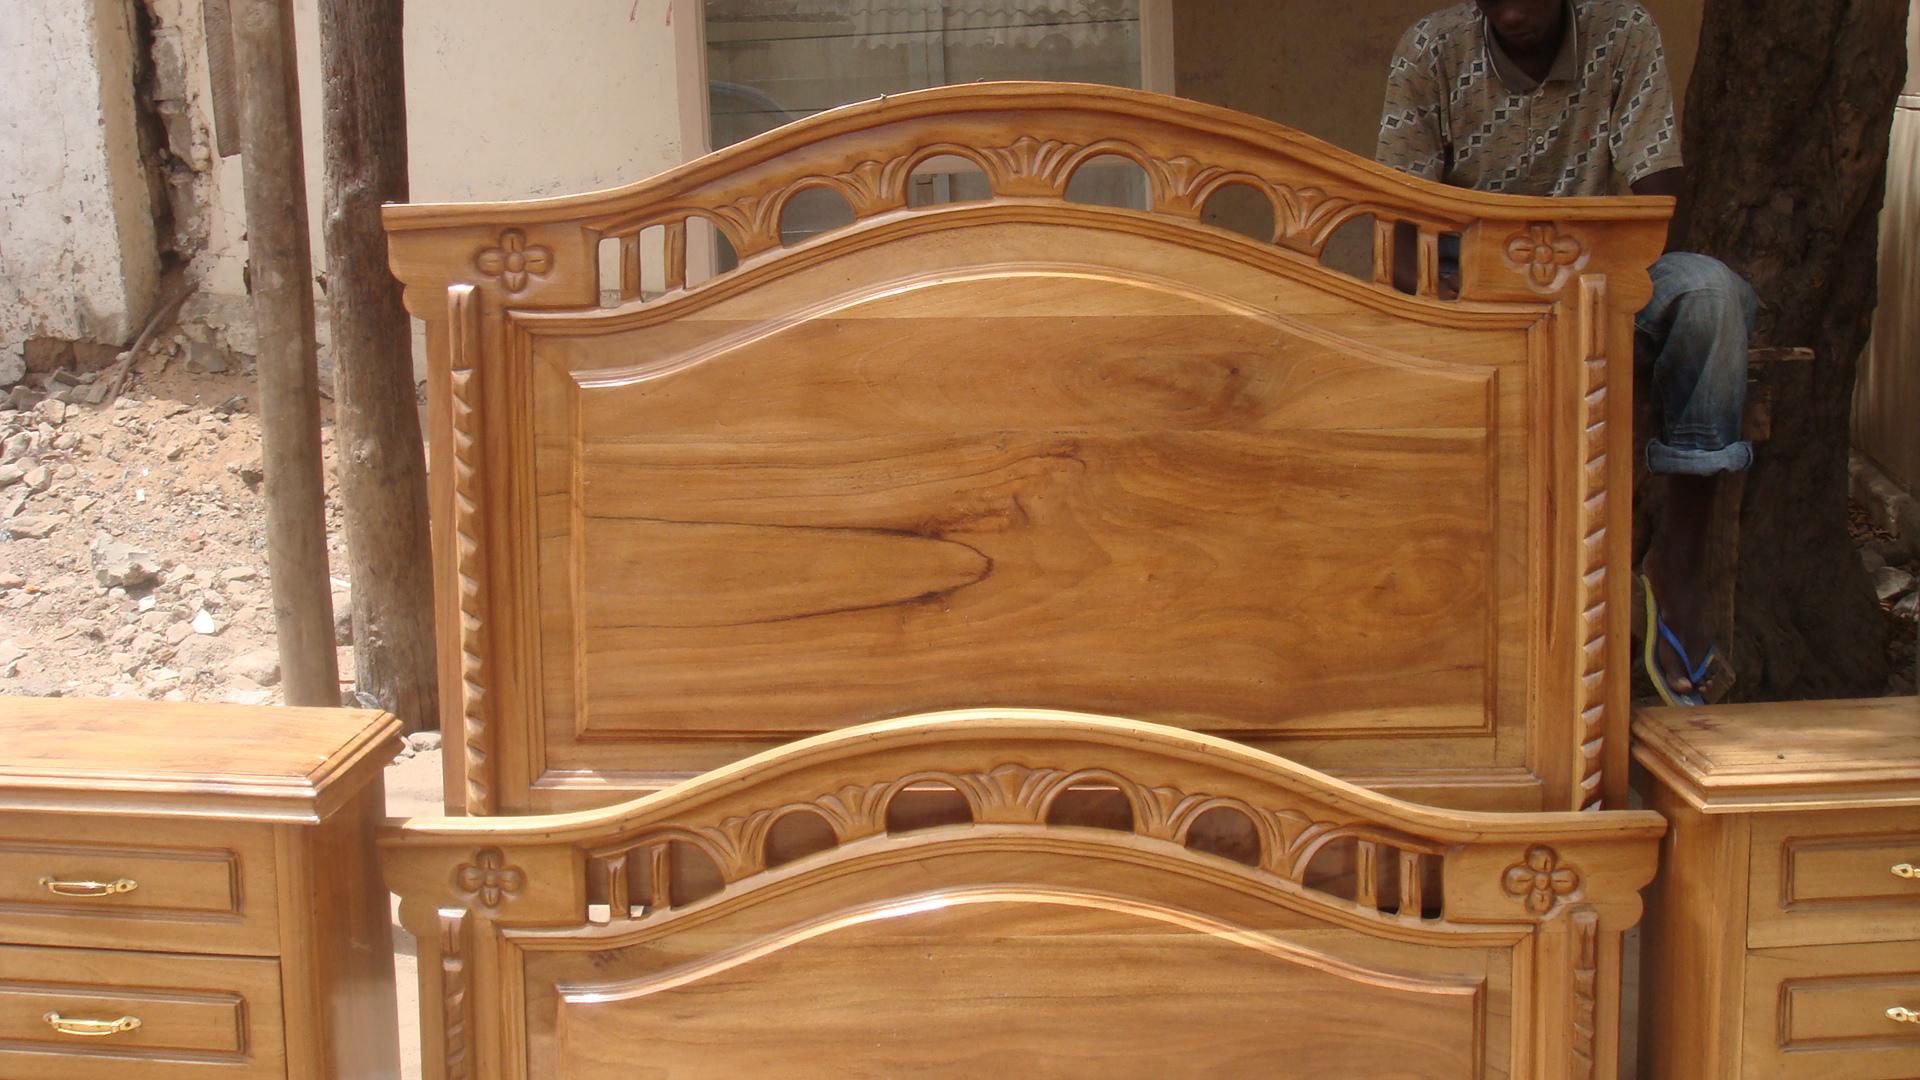 une double lit a vendre a neuf petites annonces gratuites au s n gal. Black Bedroom Furniture Sets. Home Design Ideas